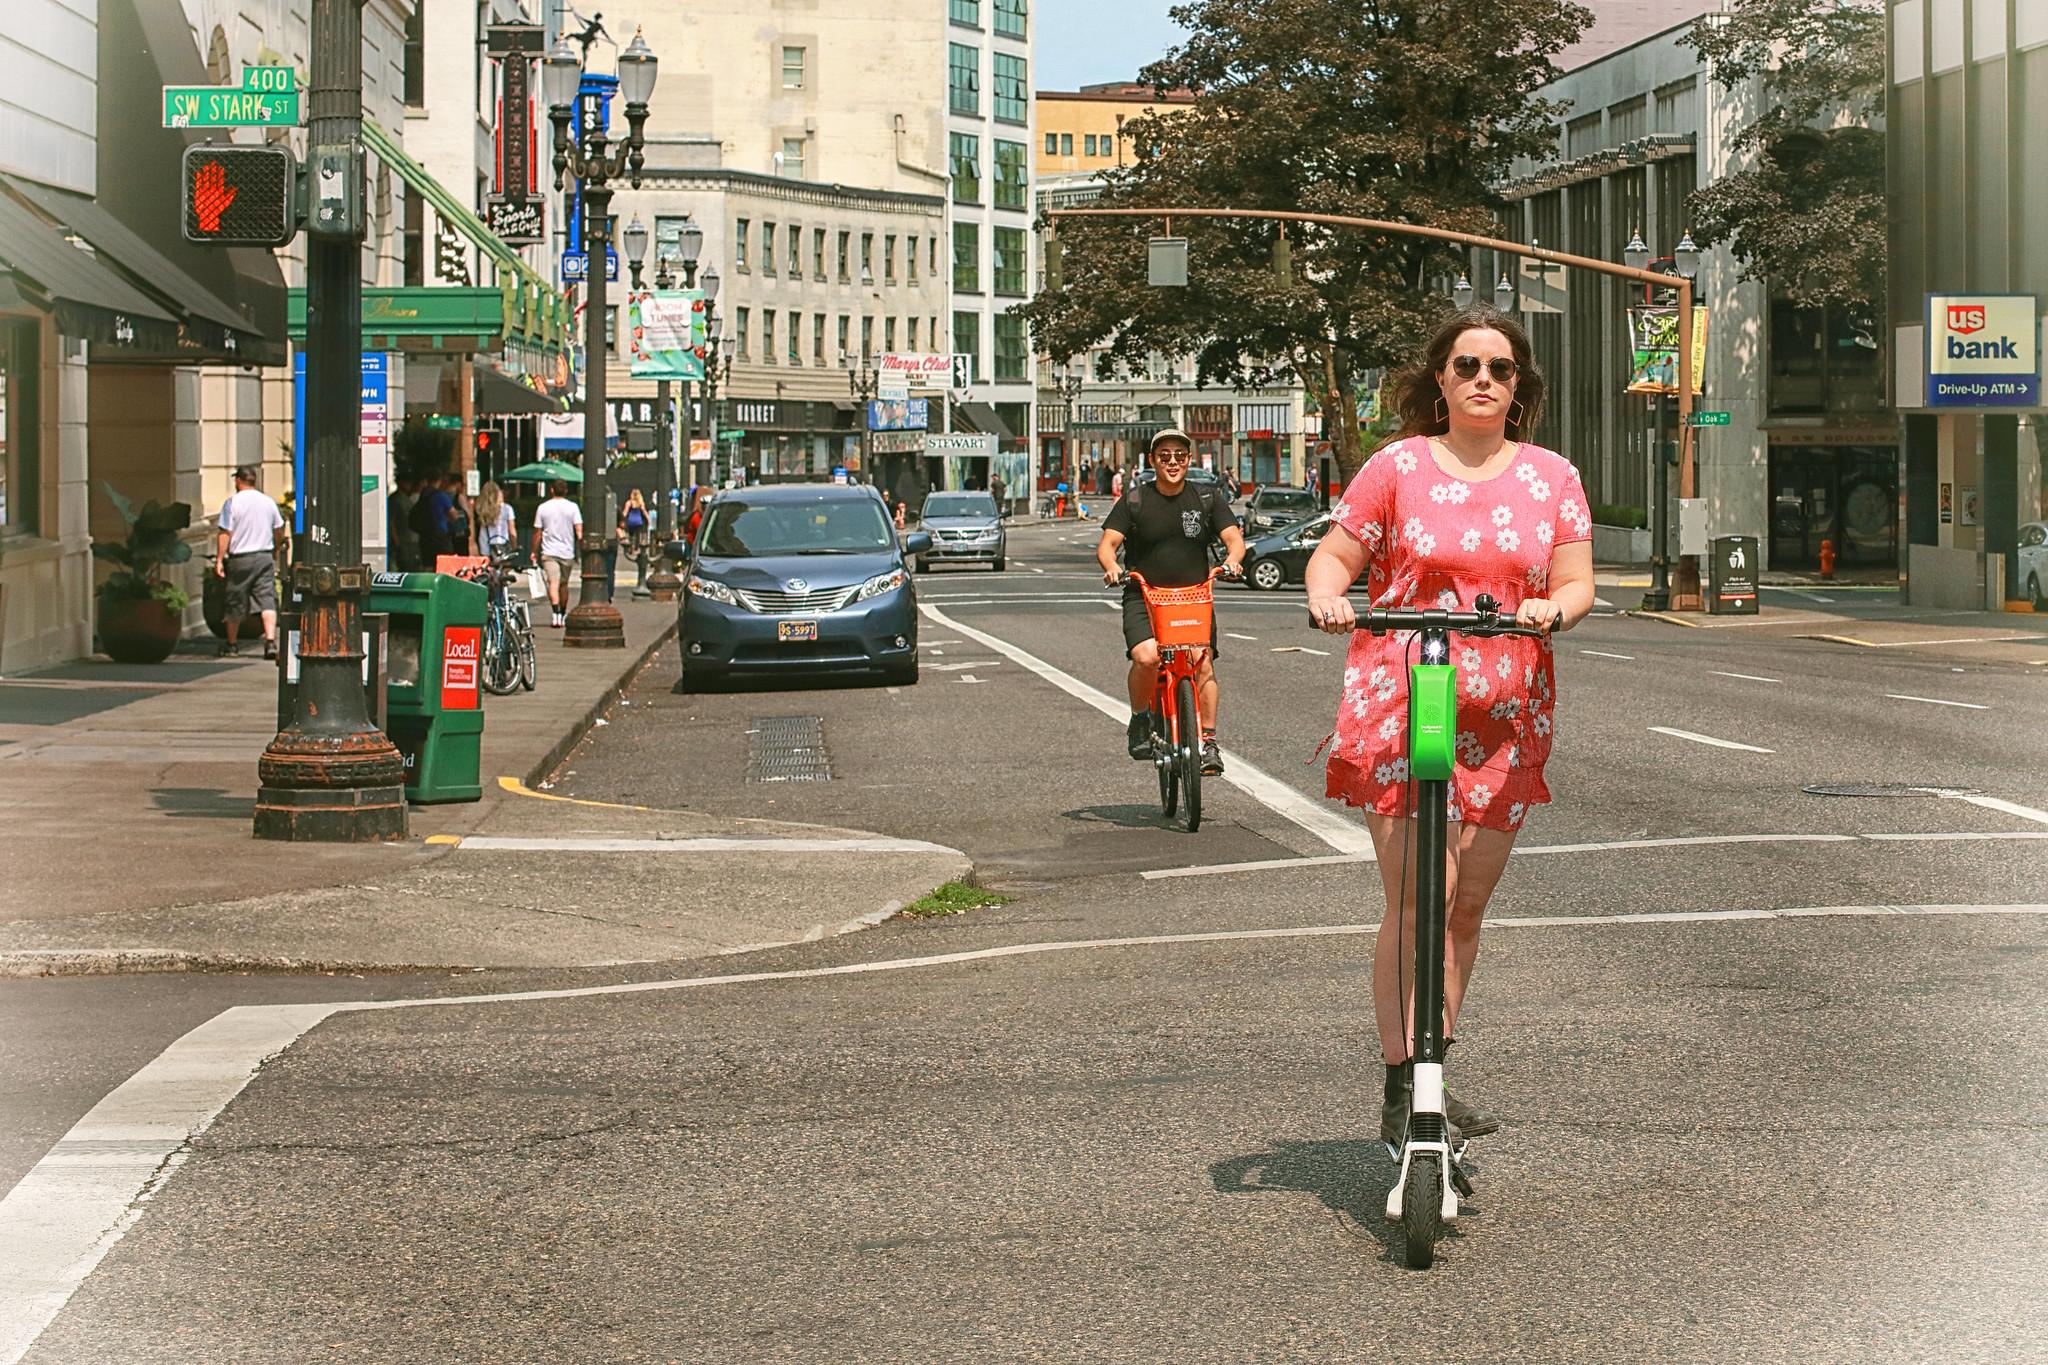 Patinetes ou bicicletas: qual o melhor modal de micromobilidade?